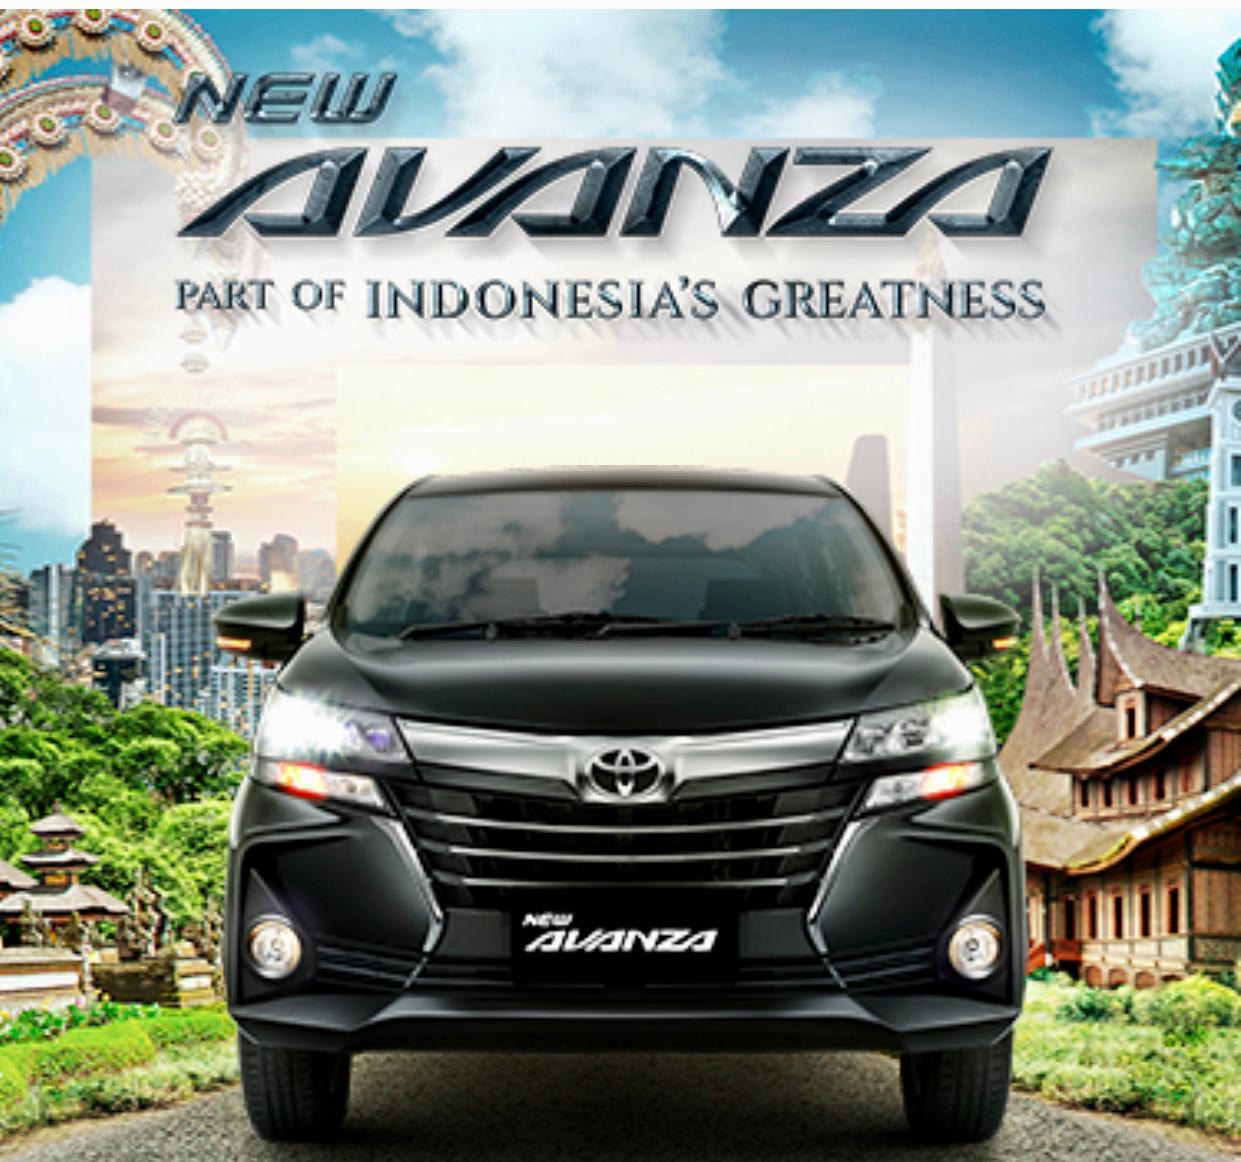 Toyota AStrido - Toyota Avanza Sukses Menjadi Mobil Paling Favorit di Indonesia Selama 16 Tahun